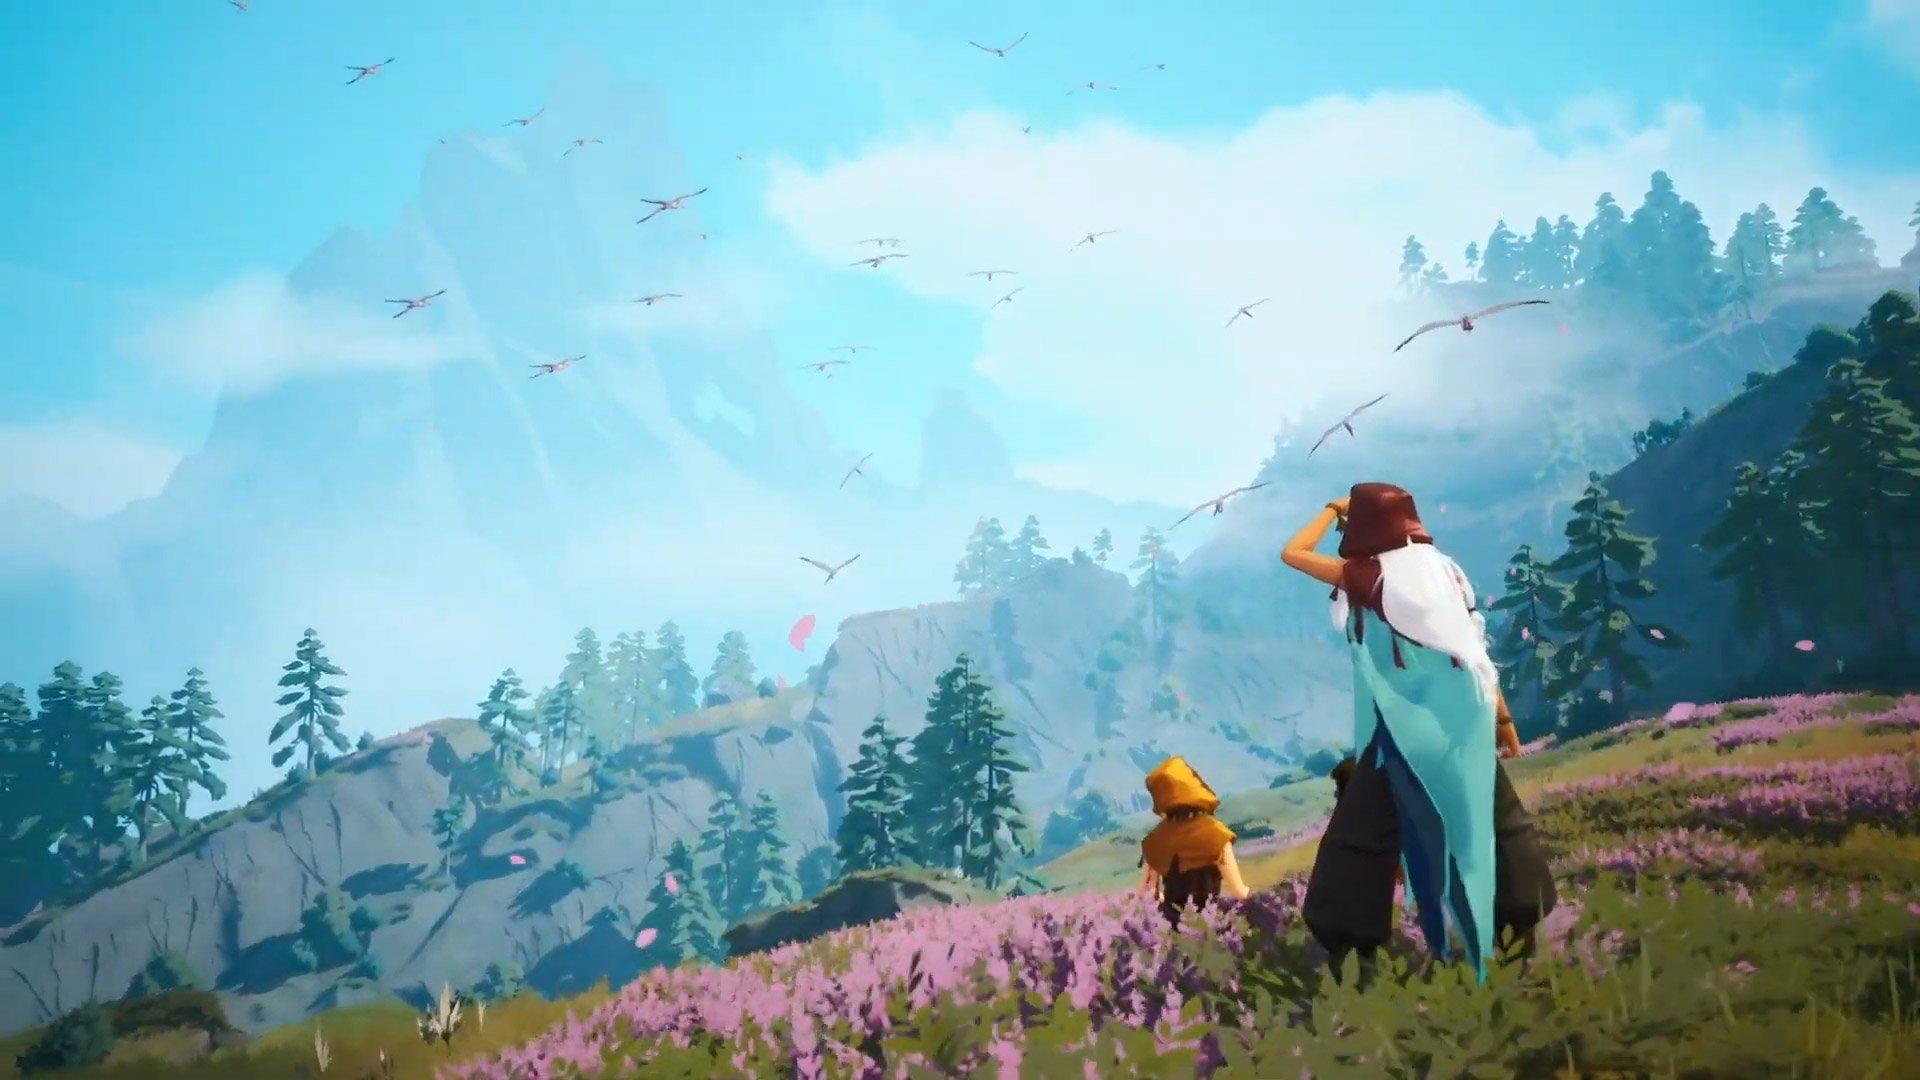 Sony: Lanseringar av nya spelserier är mycket riskabelt